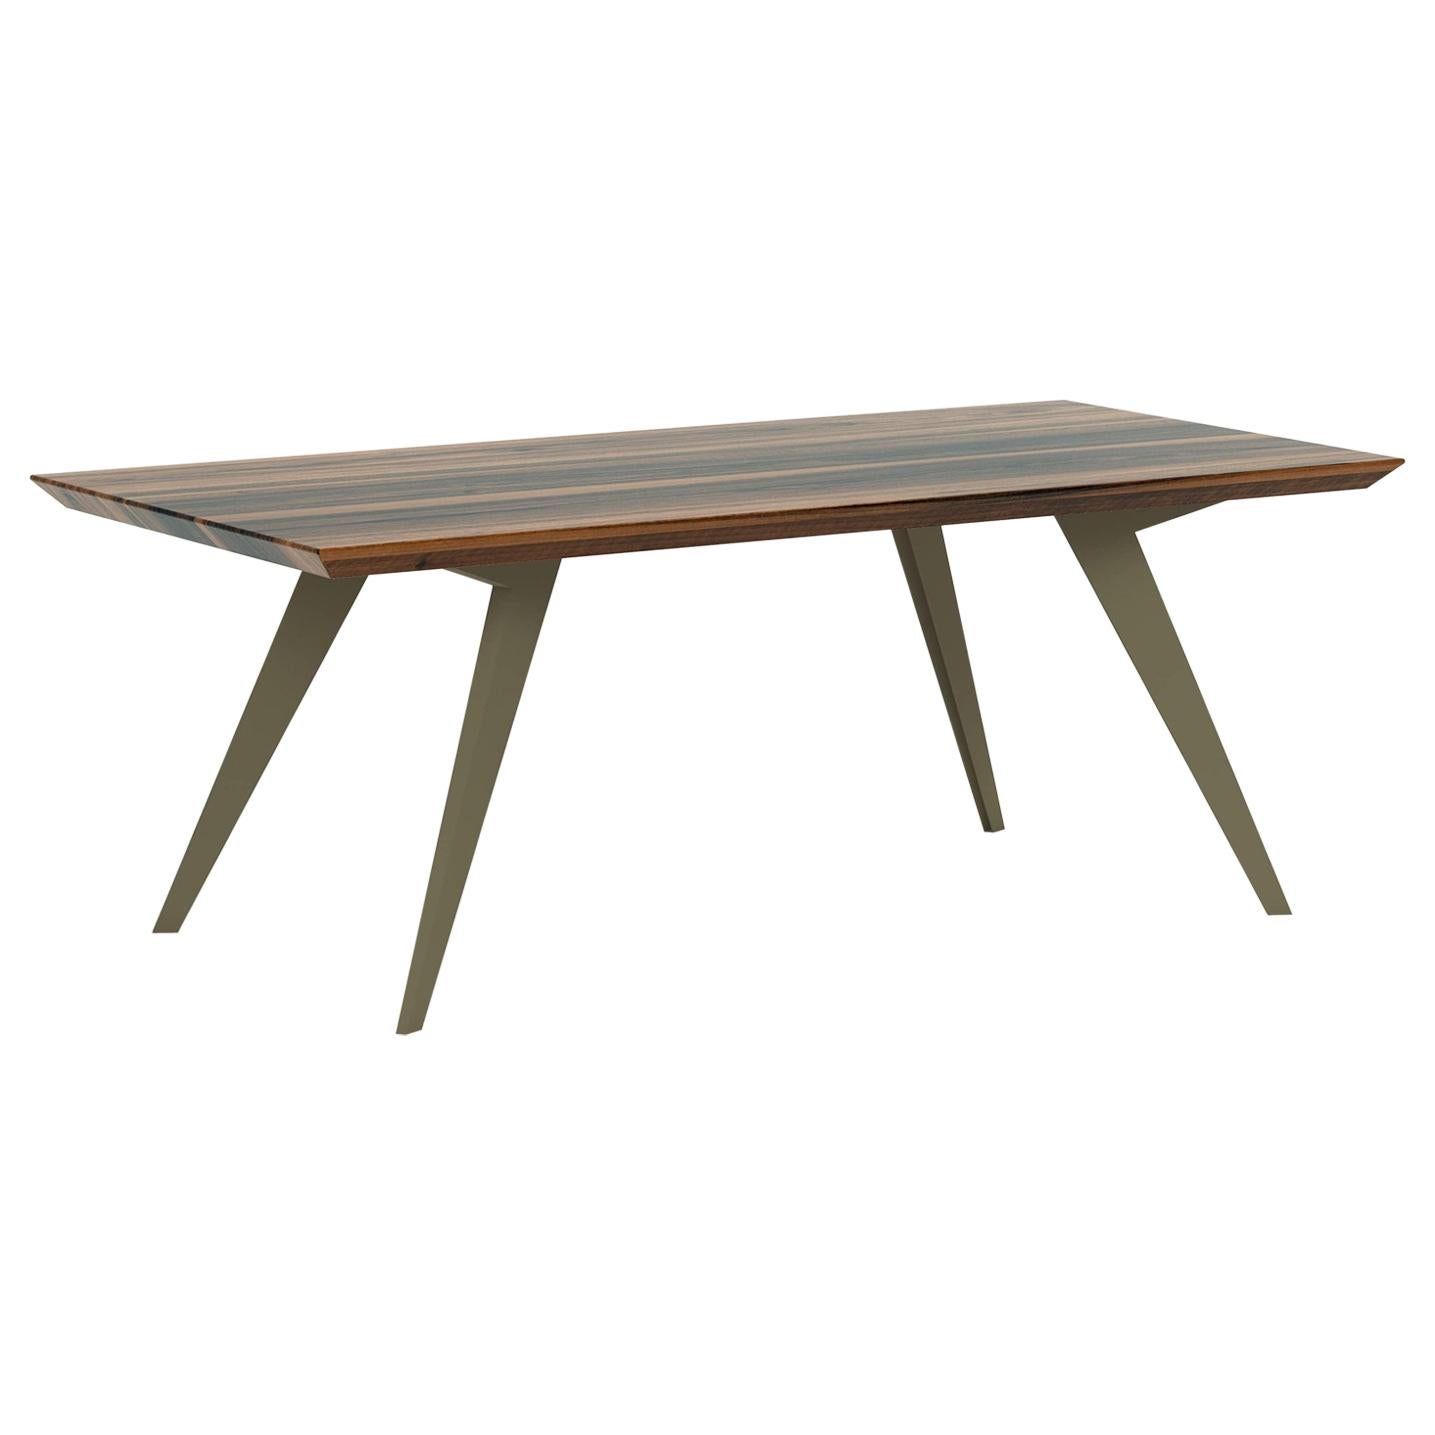 Walnut and Steel Minimalist 400 Dining Table